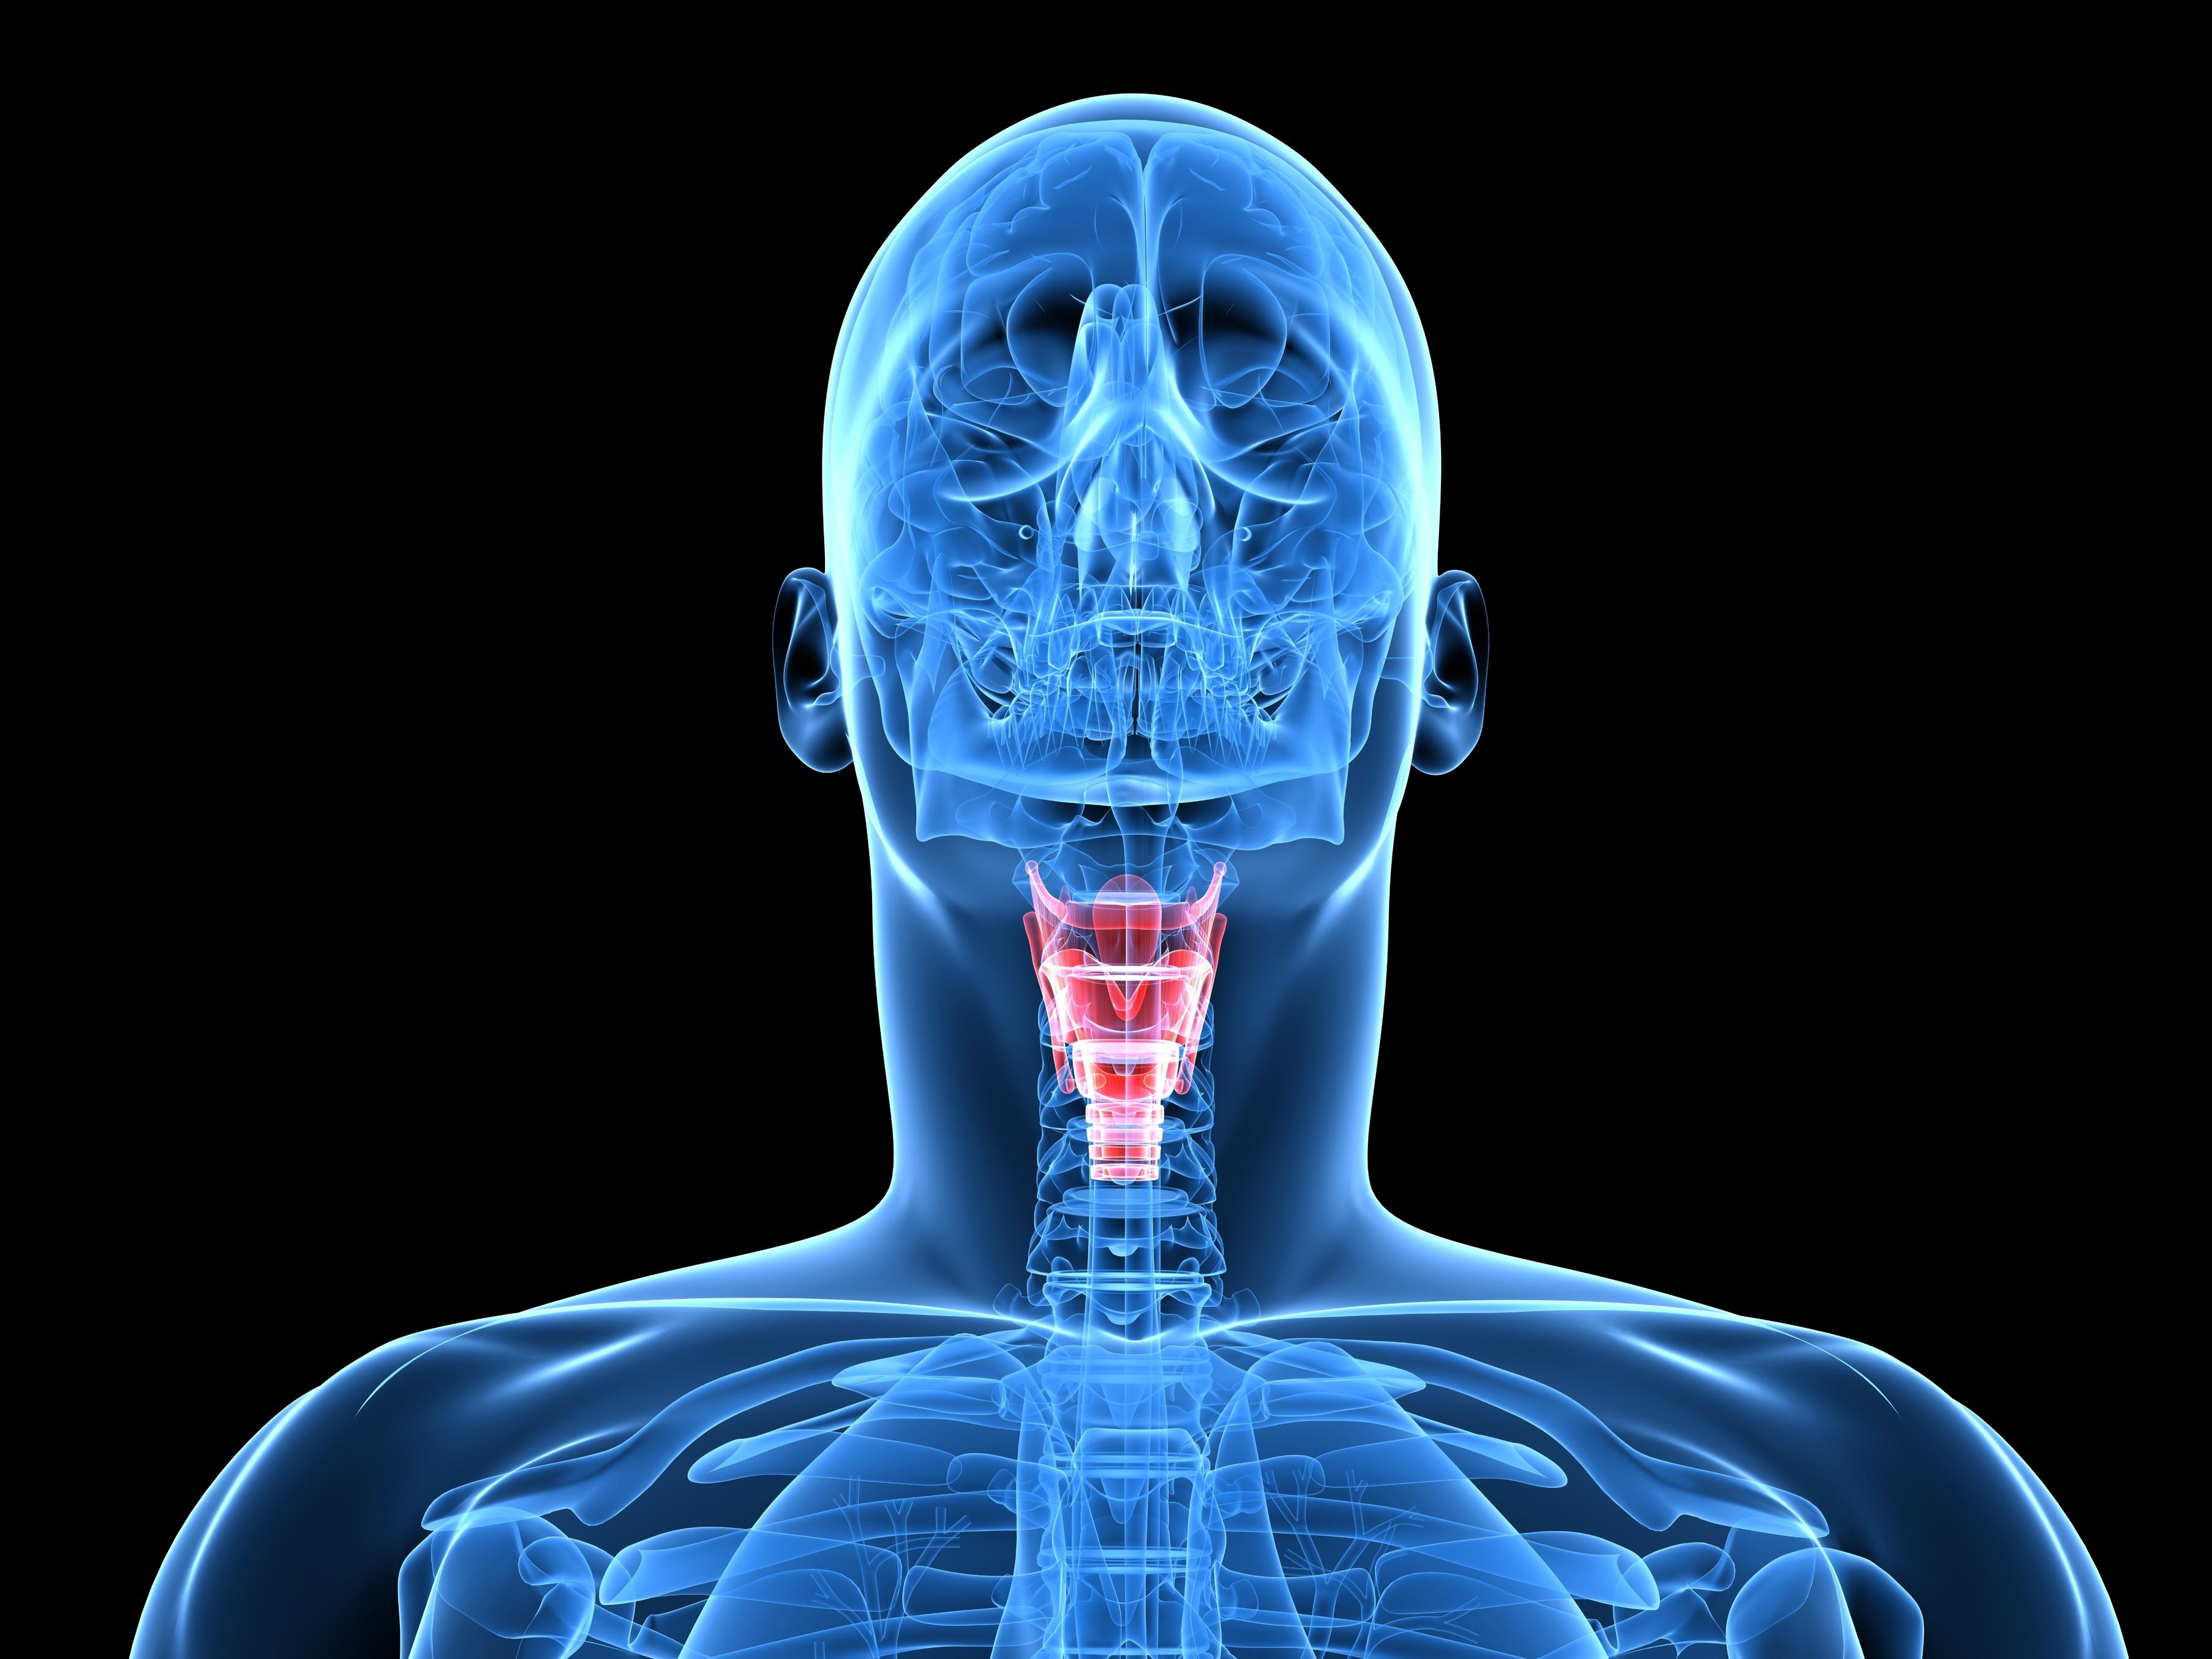 Le principali infezioni dell'apparato respiratorio